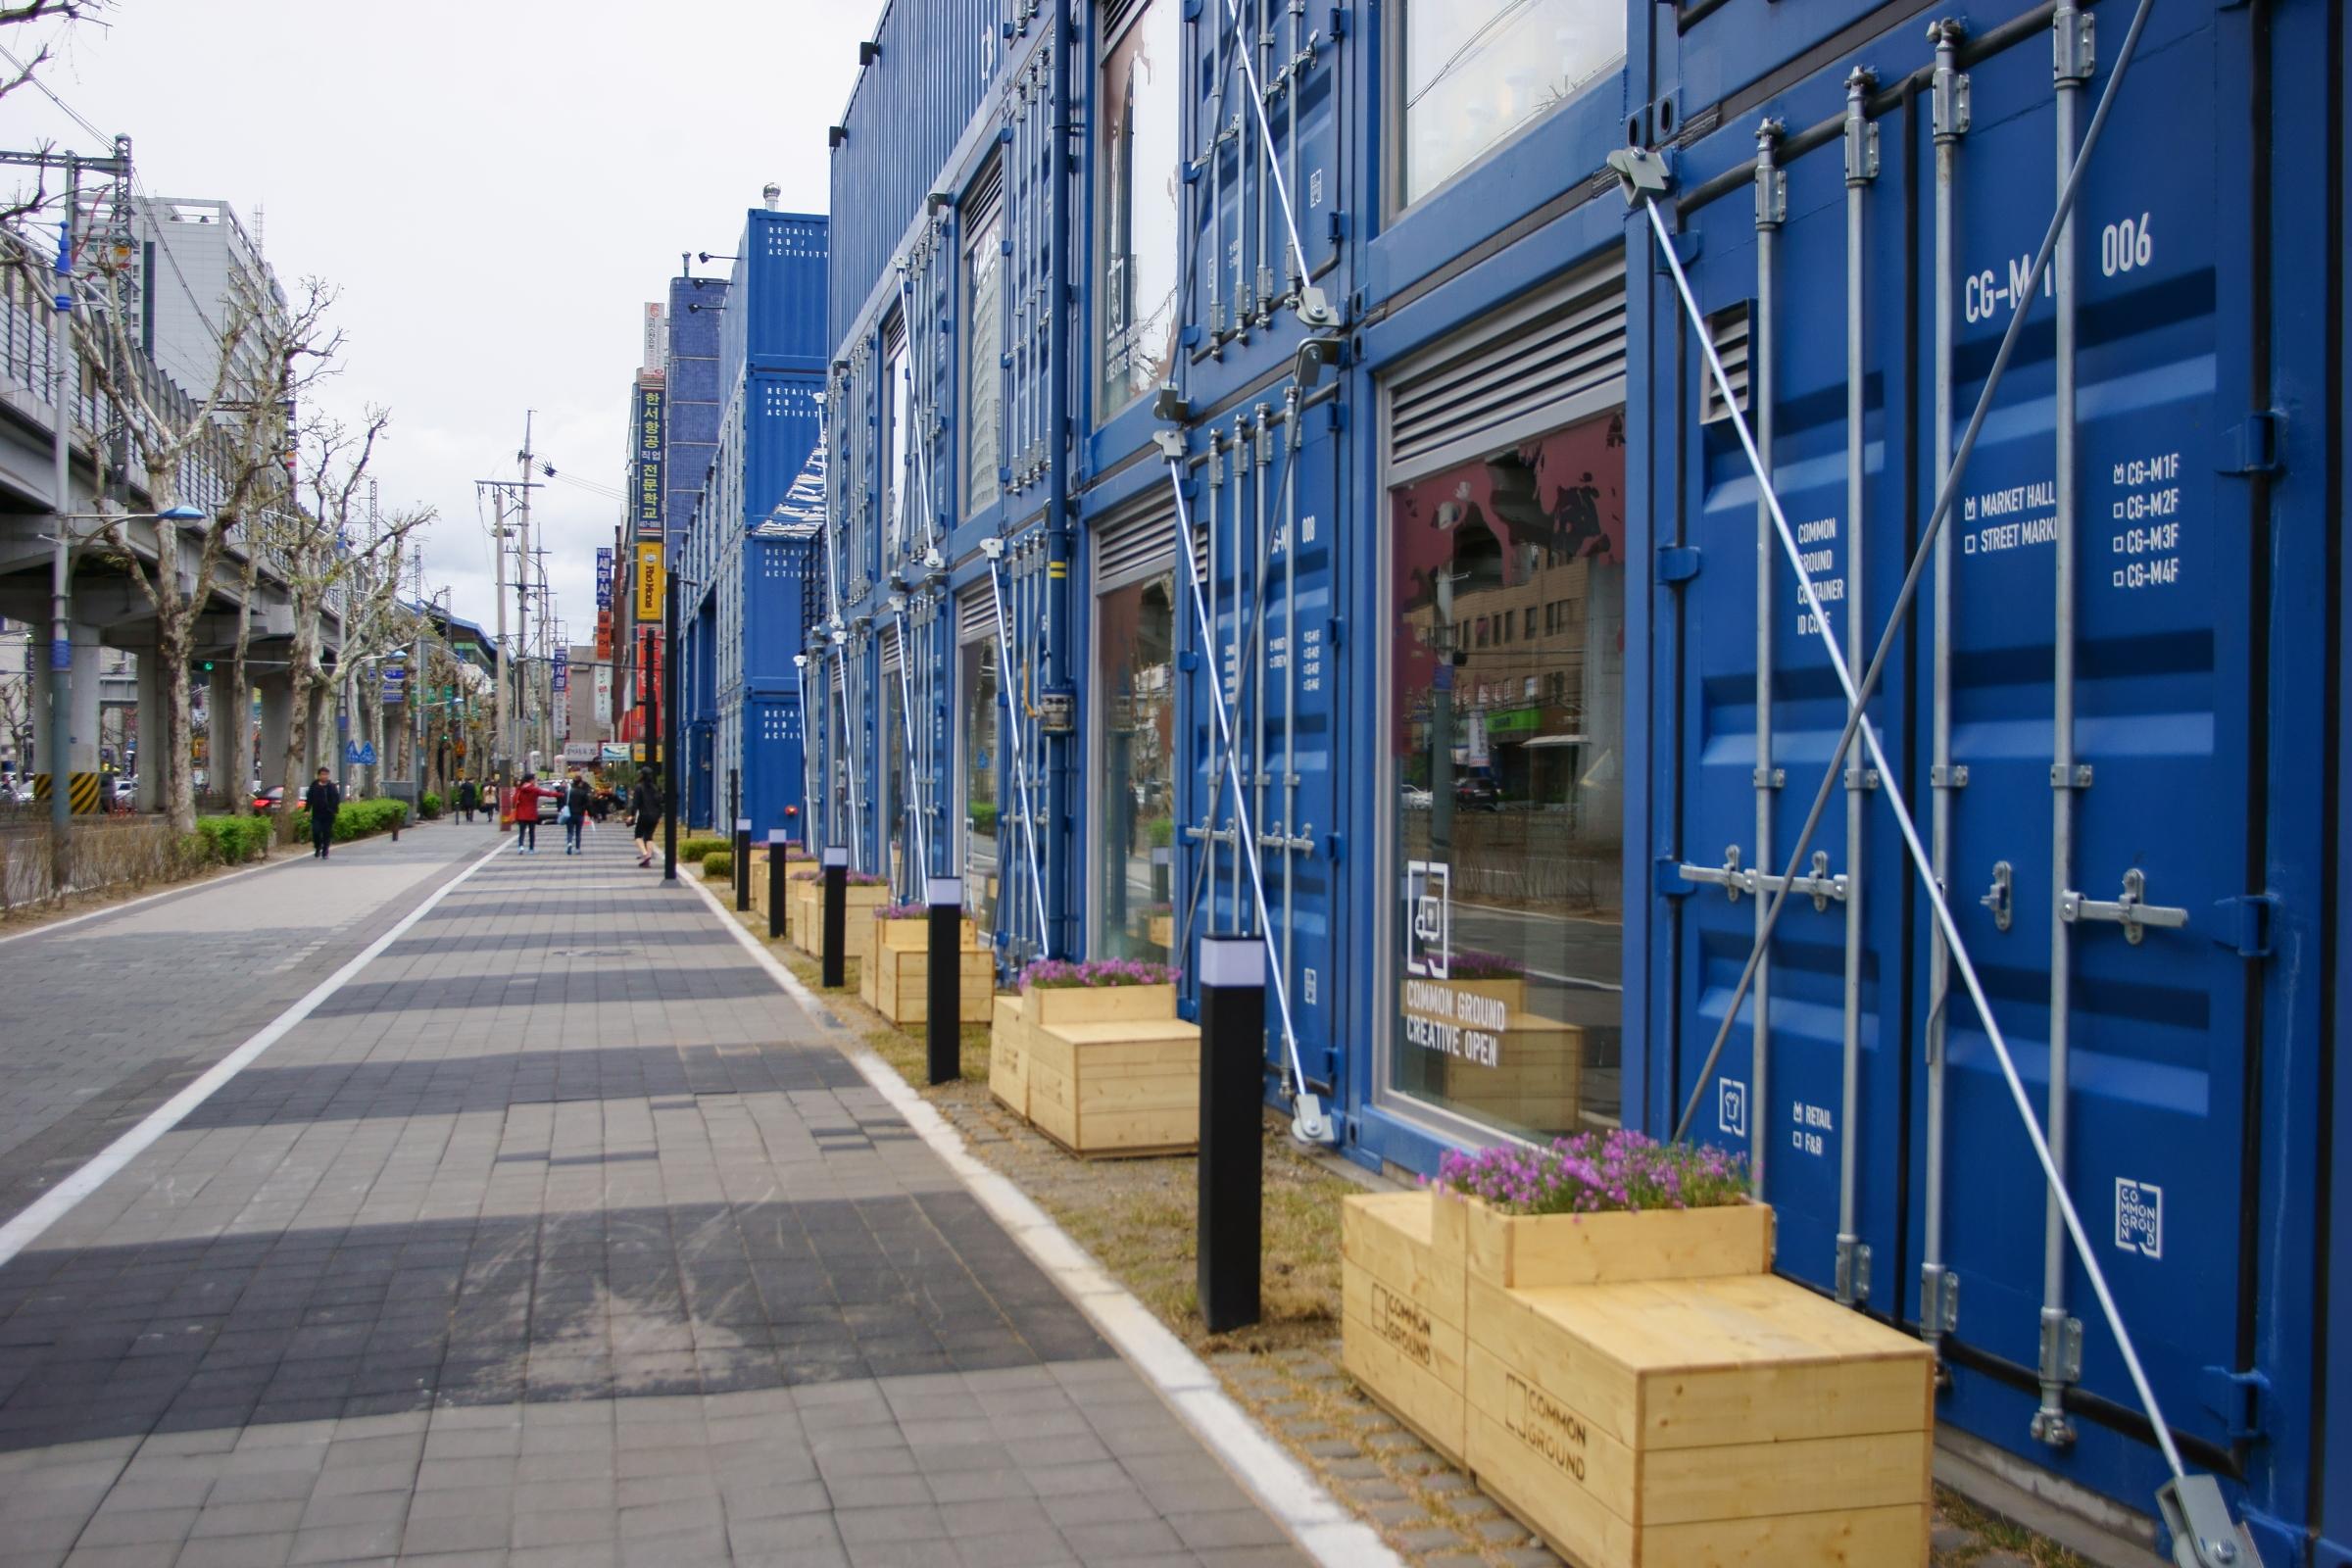 [首爾] 建大入口站・藍色貨櫃商圈 Common Ground 커먼그라운드   跟著小鼠去旅行 – U Blog 博客